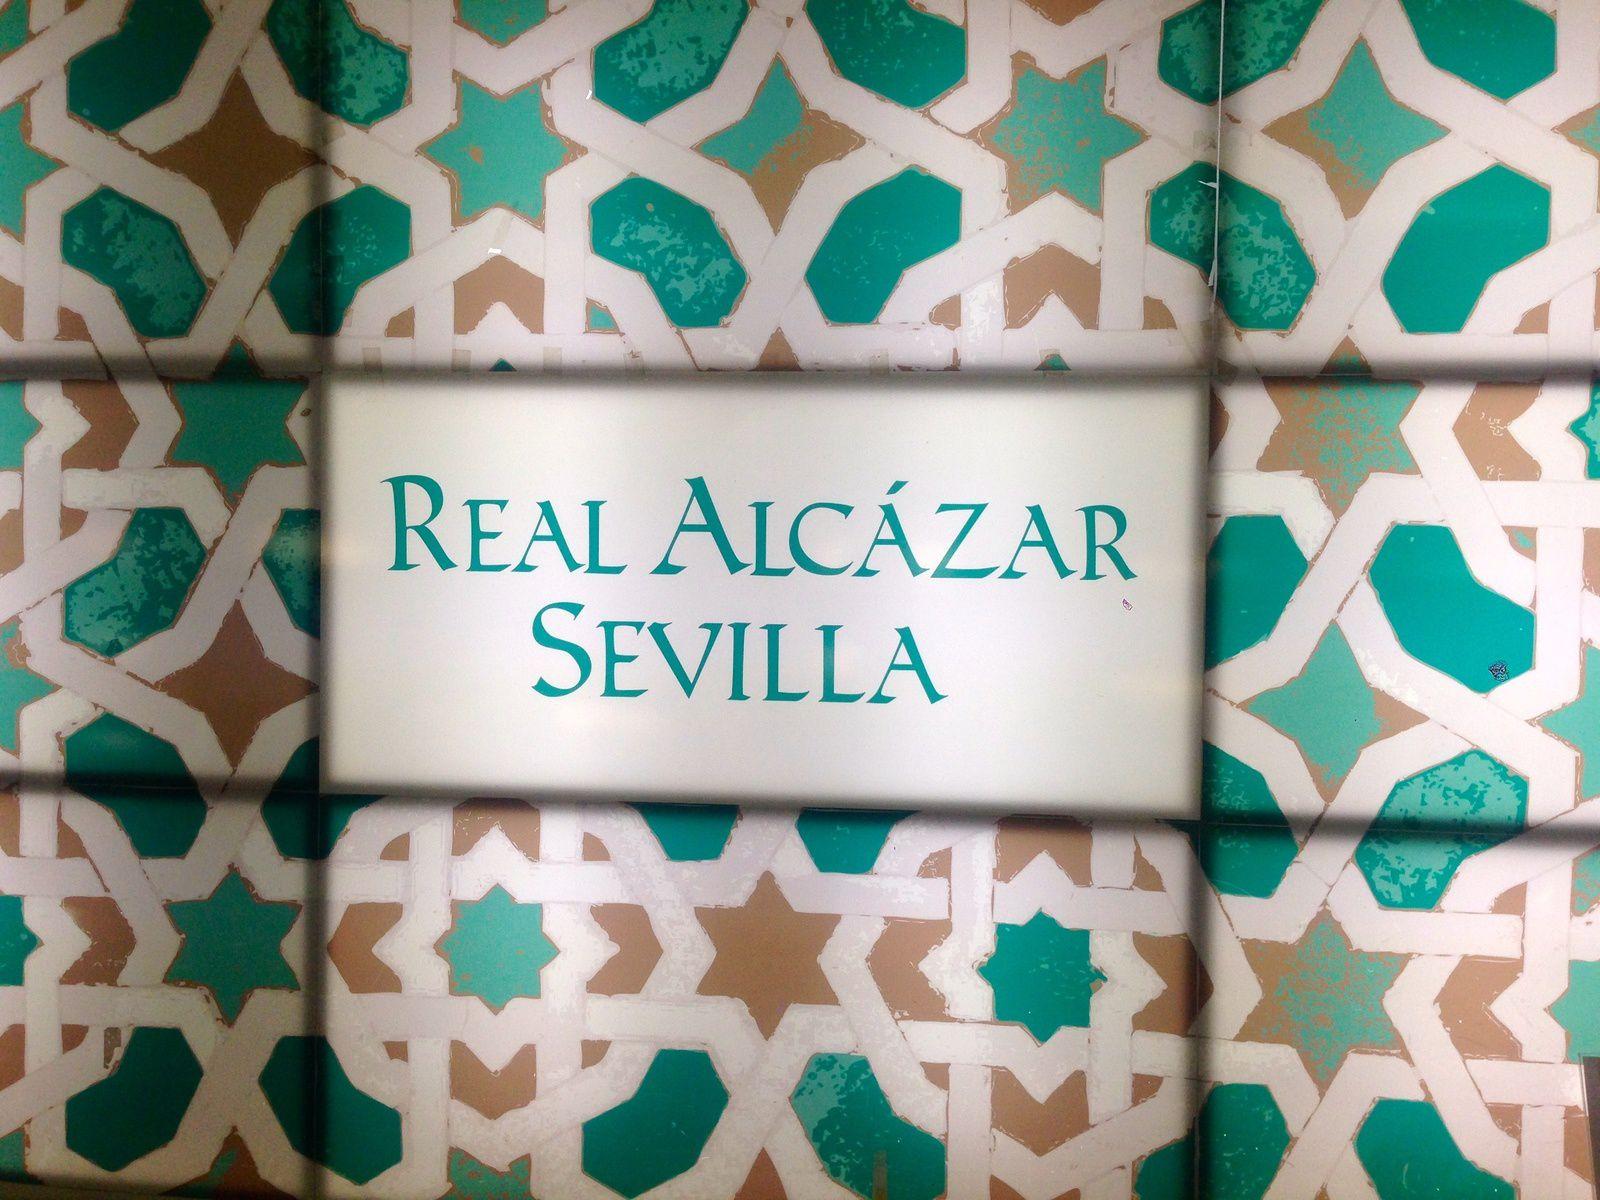 Les jardins de l'Alcazar de Séville - Andalousie